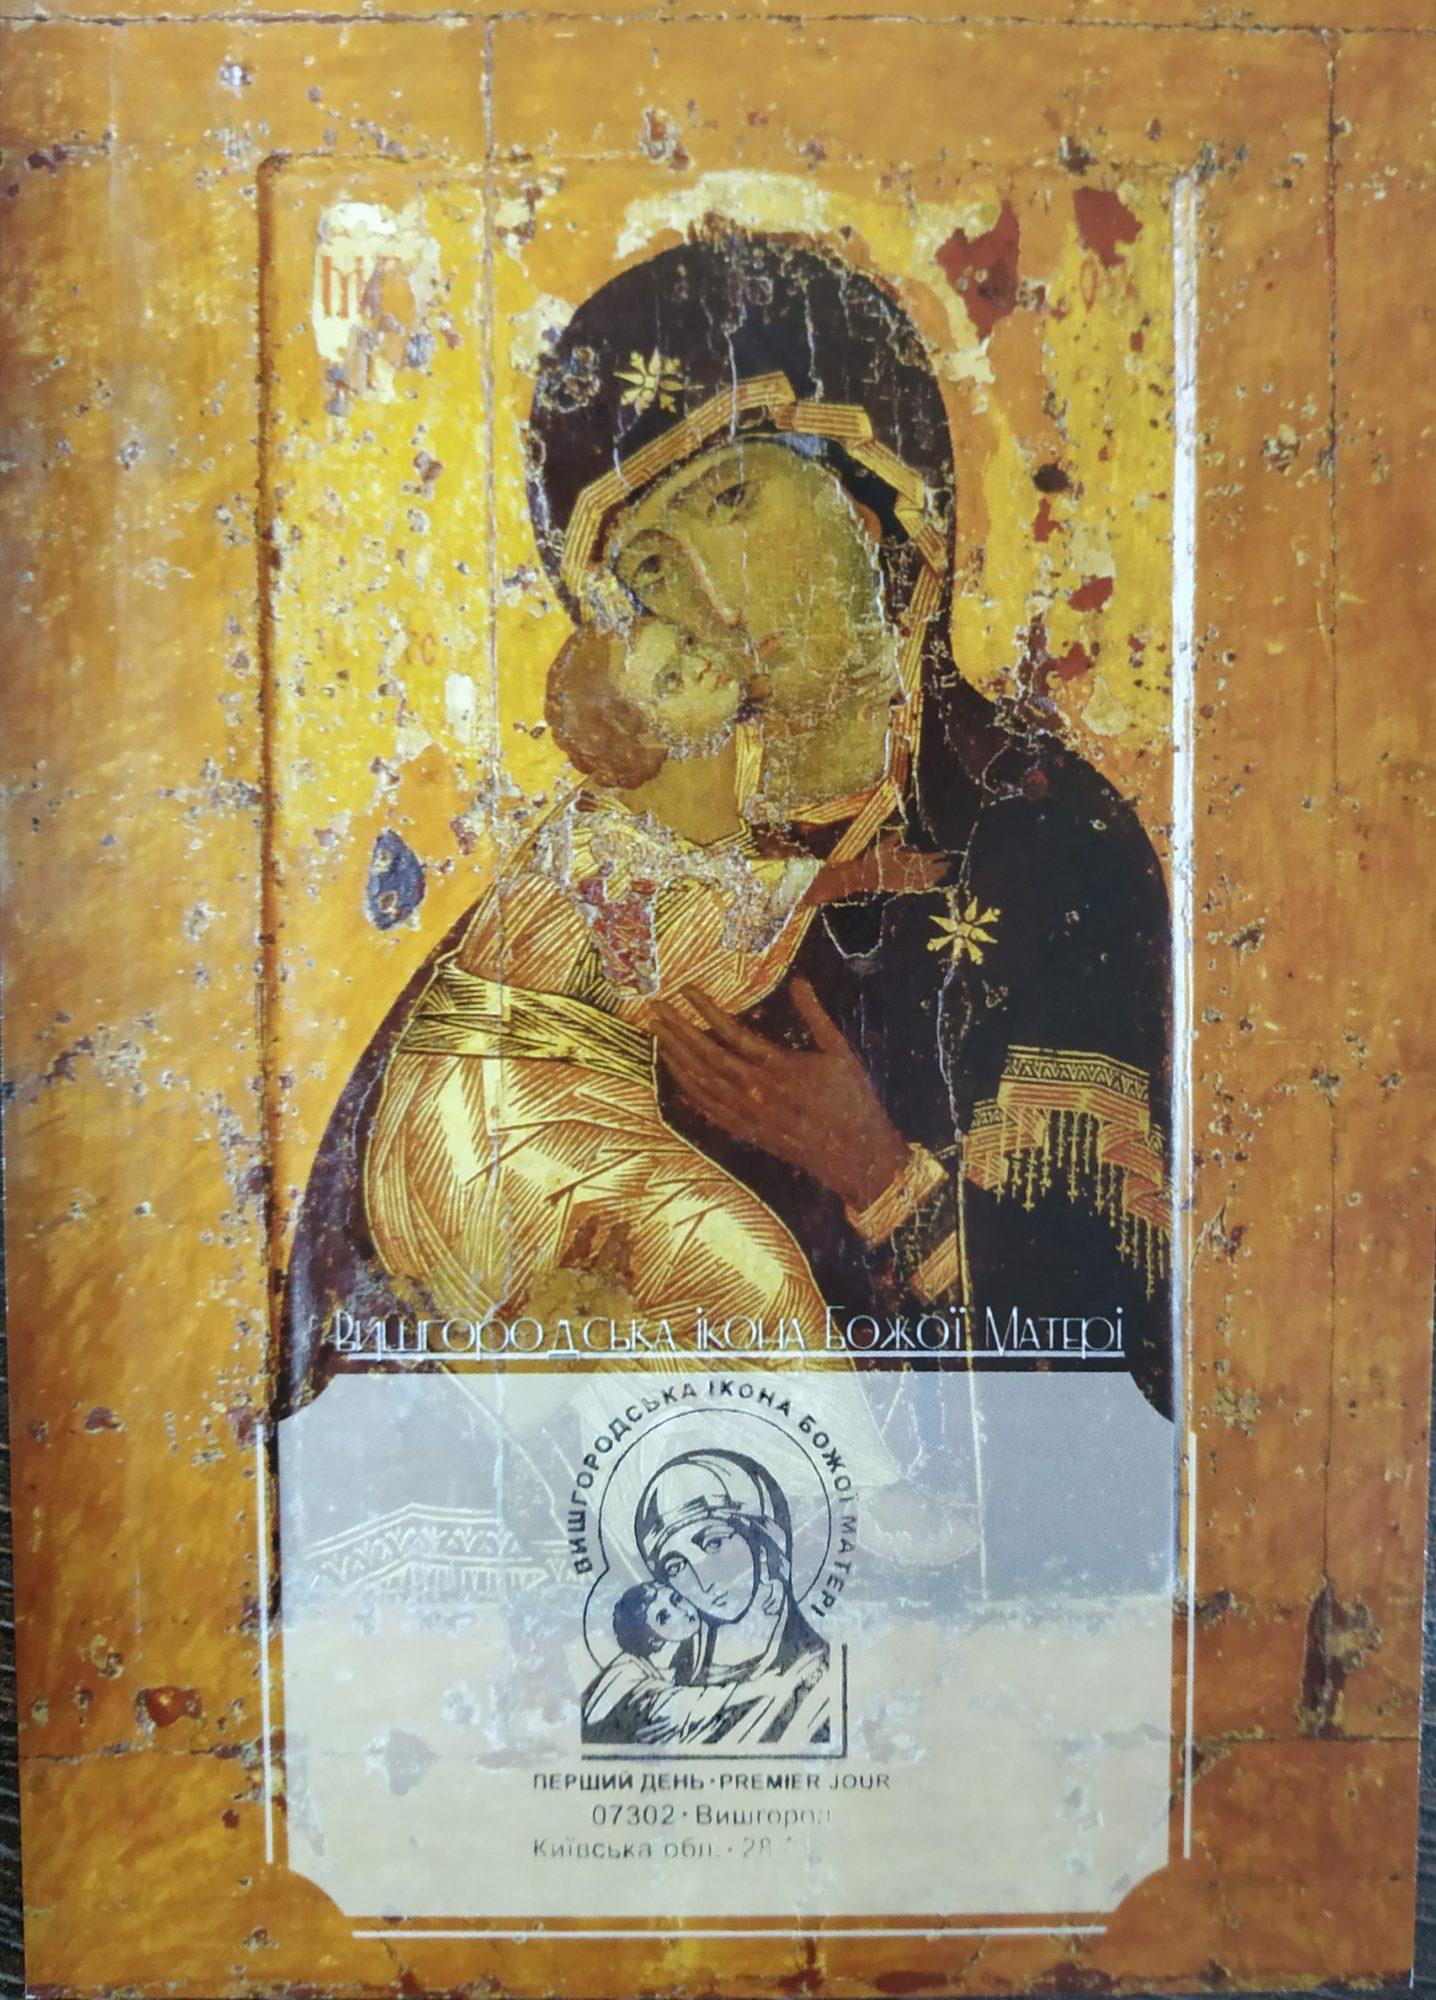 Нині триває спецпогашення поштової марки «Вишгородська ікона Божої Матері» - Укрпошта, Презентація, поштова марка, київщина, Вишгород - 0828 Marka lystivka 1436x2000